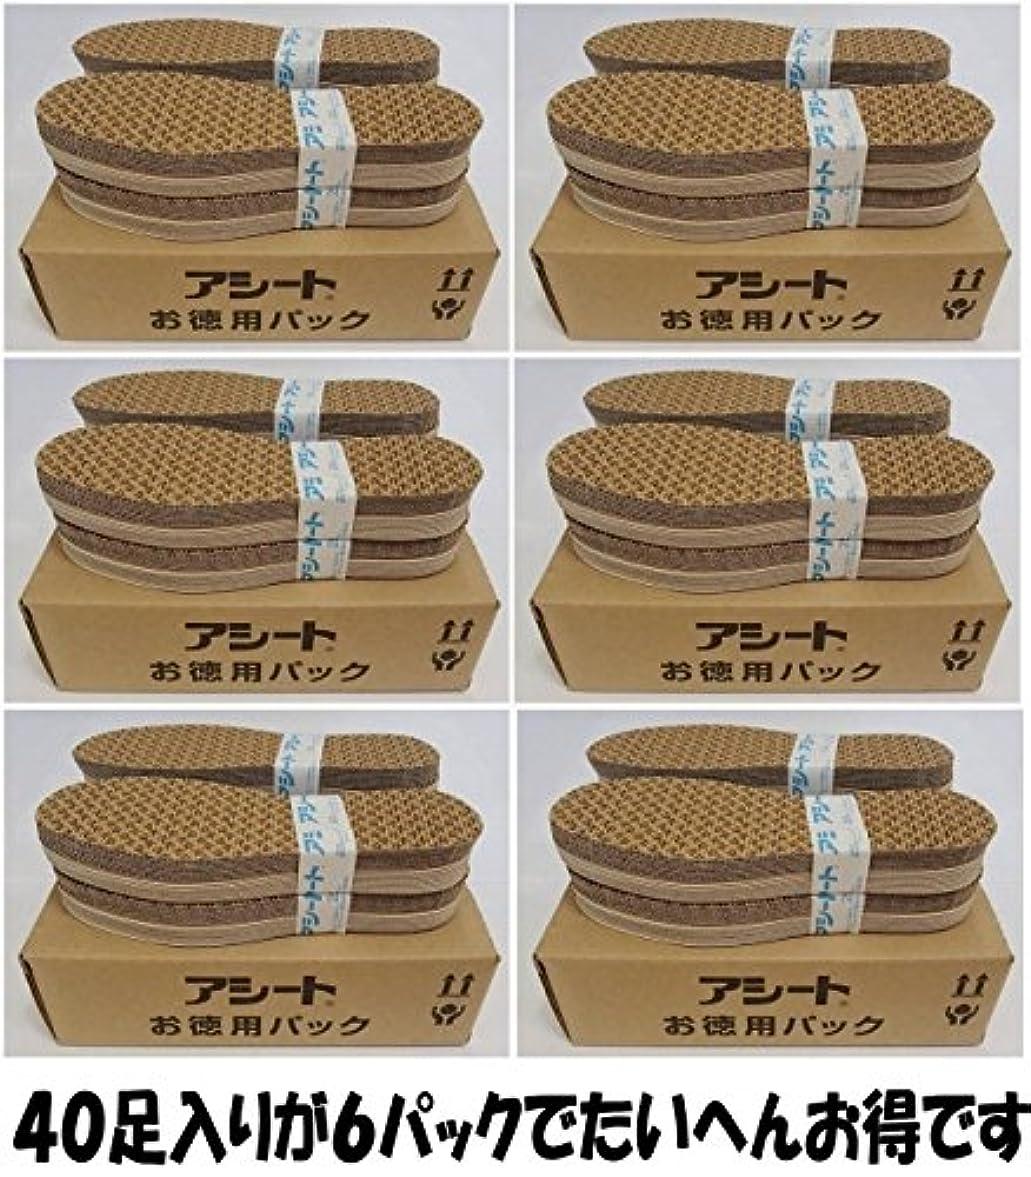 短命ブラケット敬礼アシートOタイプ40足入お徳用6パックの240足セット (26.5~27cm 男性靴用)